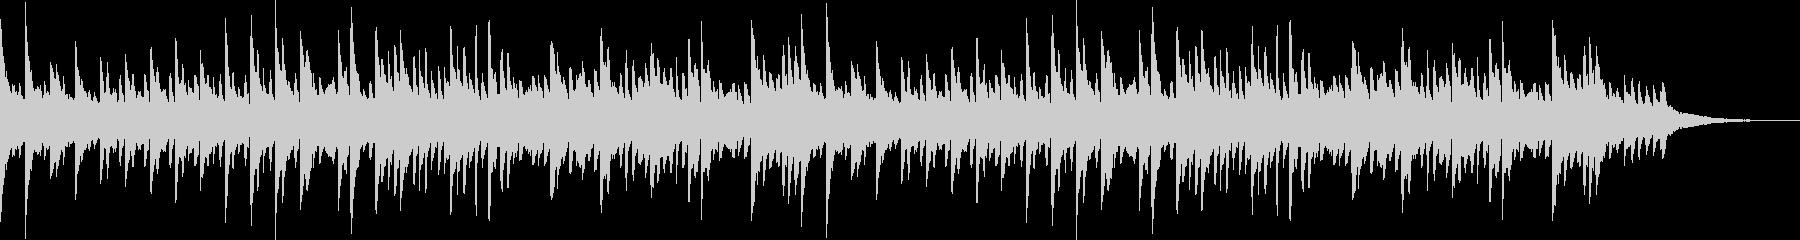 透明感のあるピアノソロBGM_01の未再生の波形